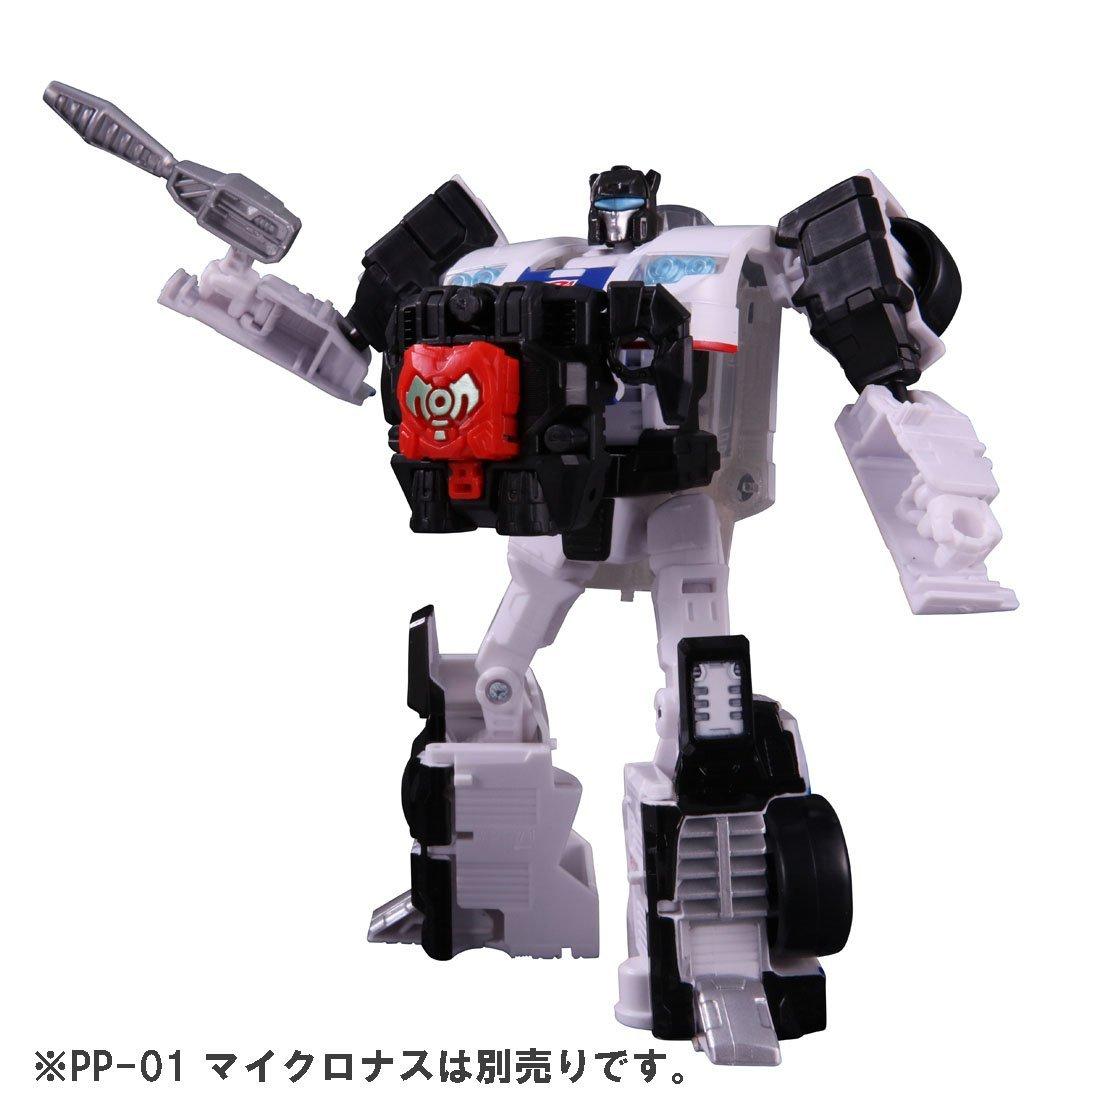 トランスフォーマー パワーオブザプライム PP-07 オートボットジャズ-008